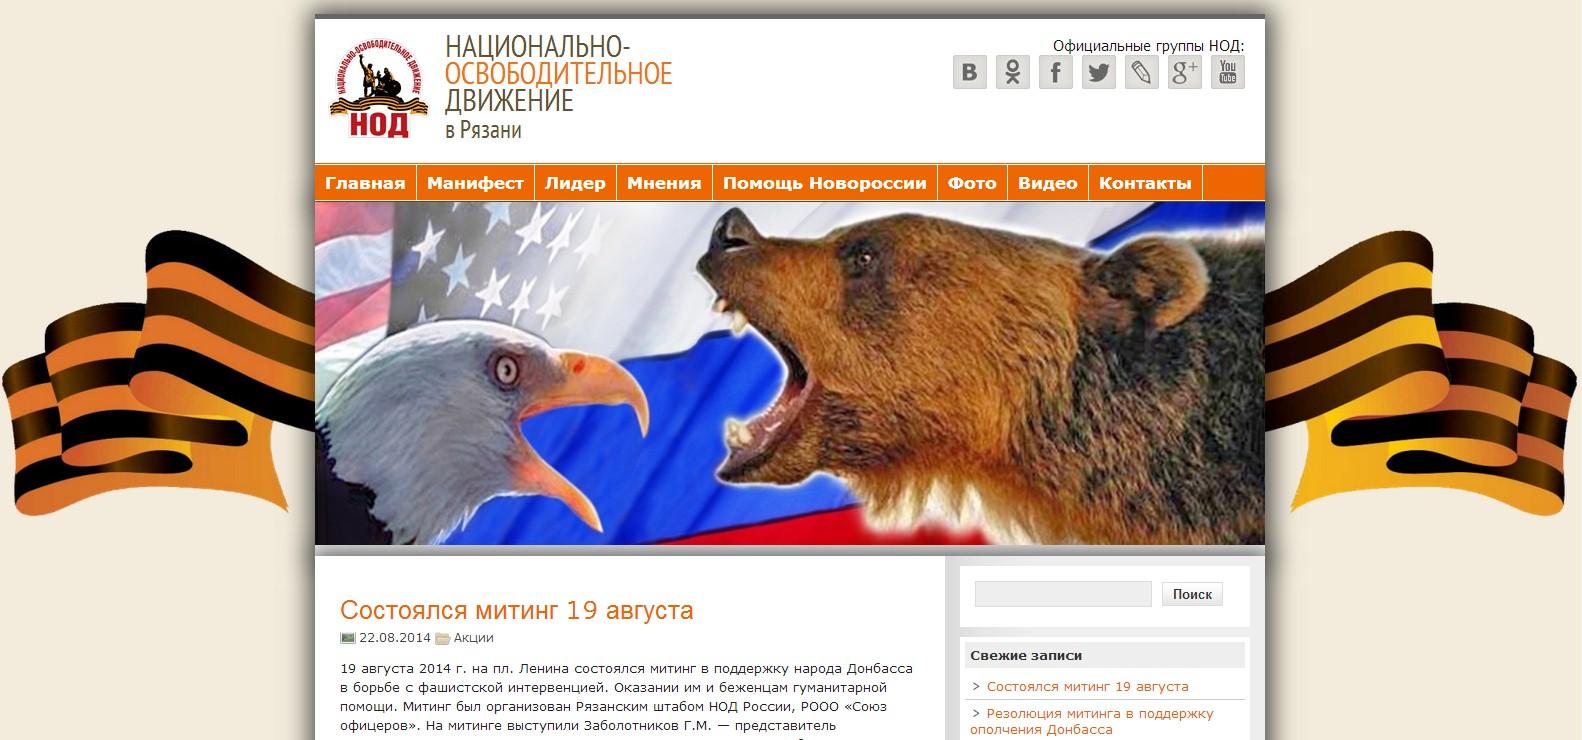 Сайт политической партии